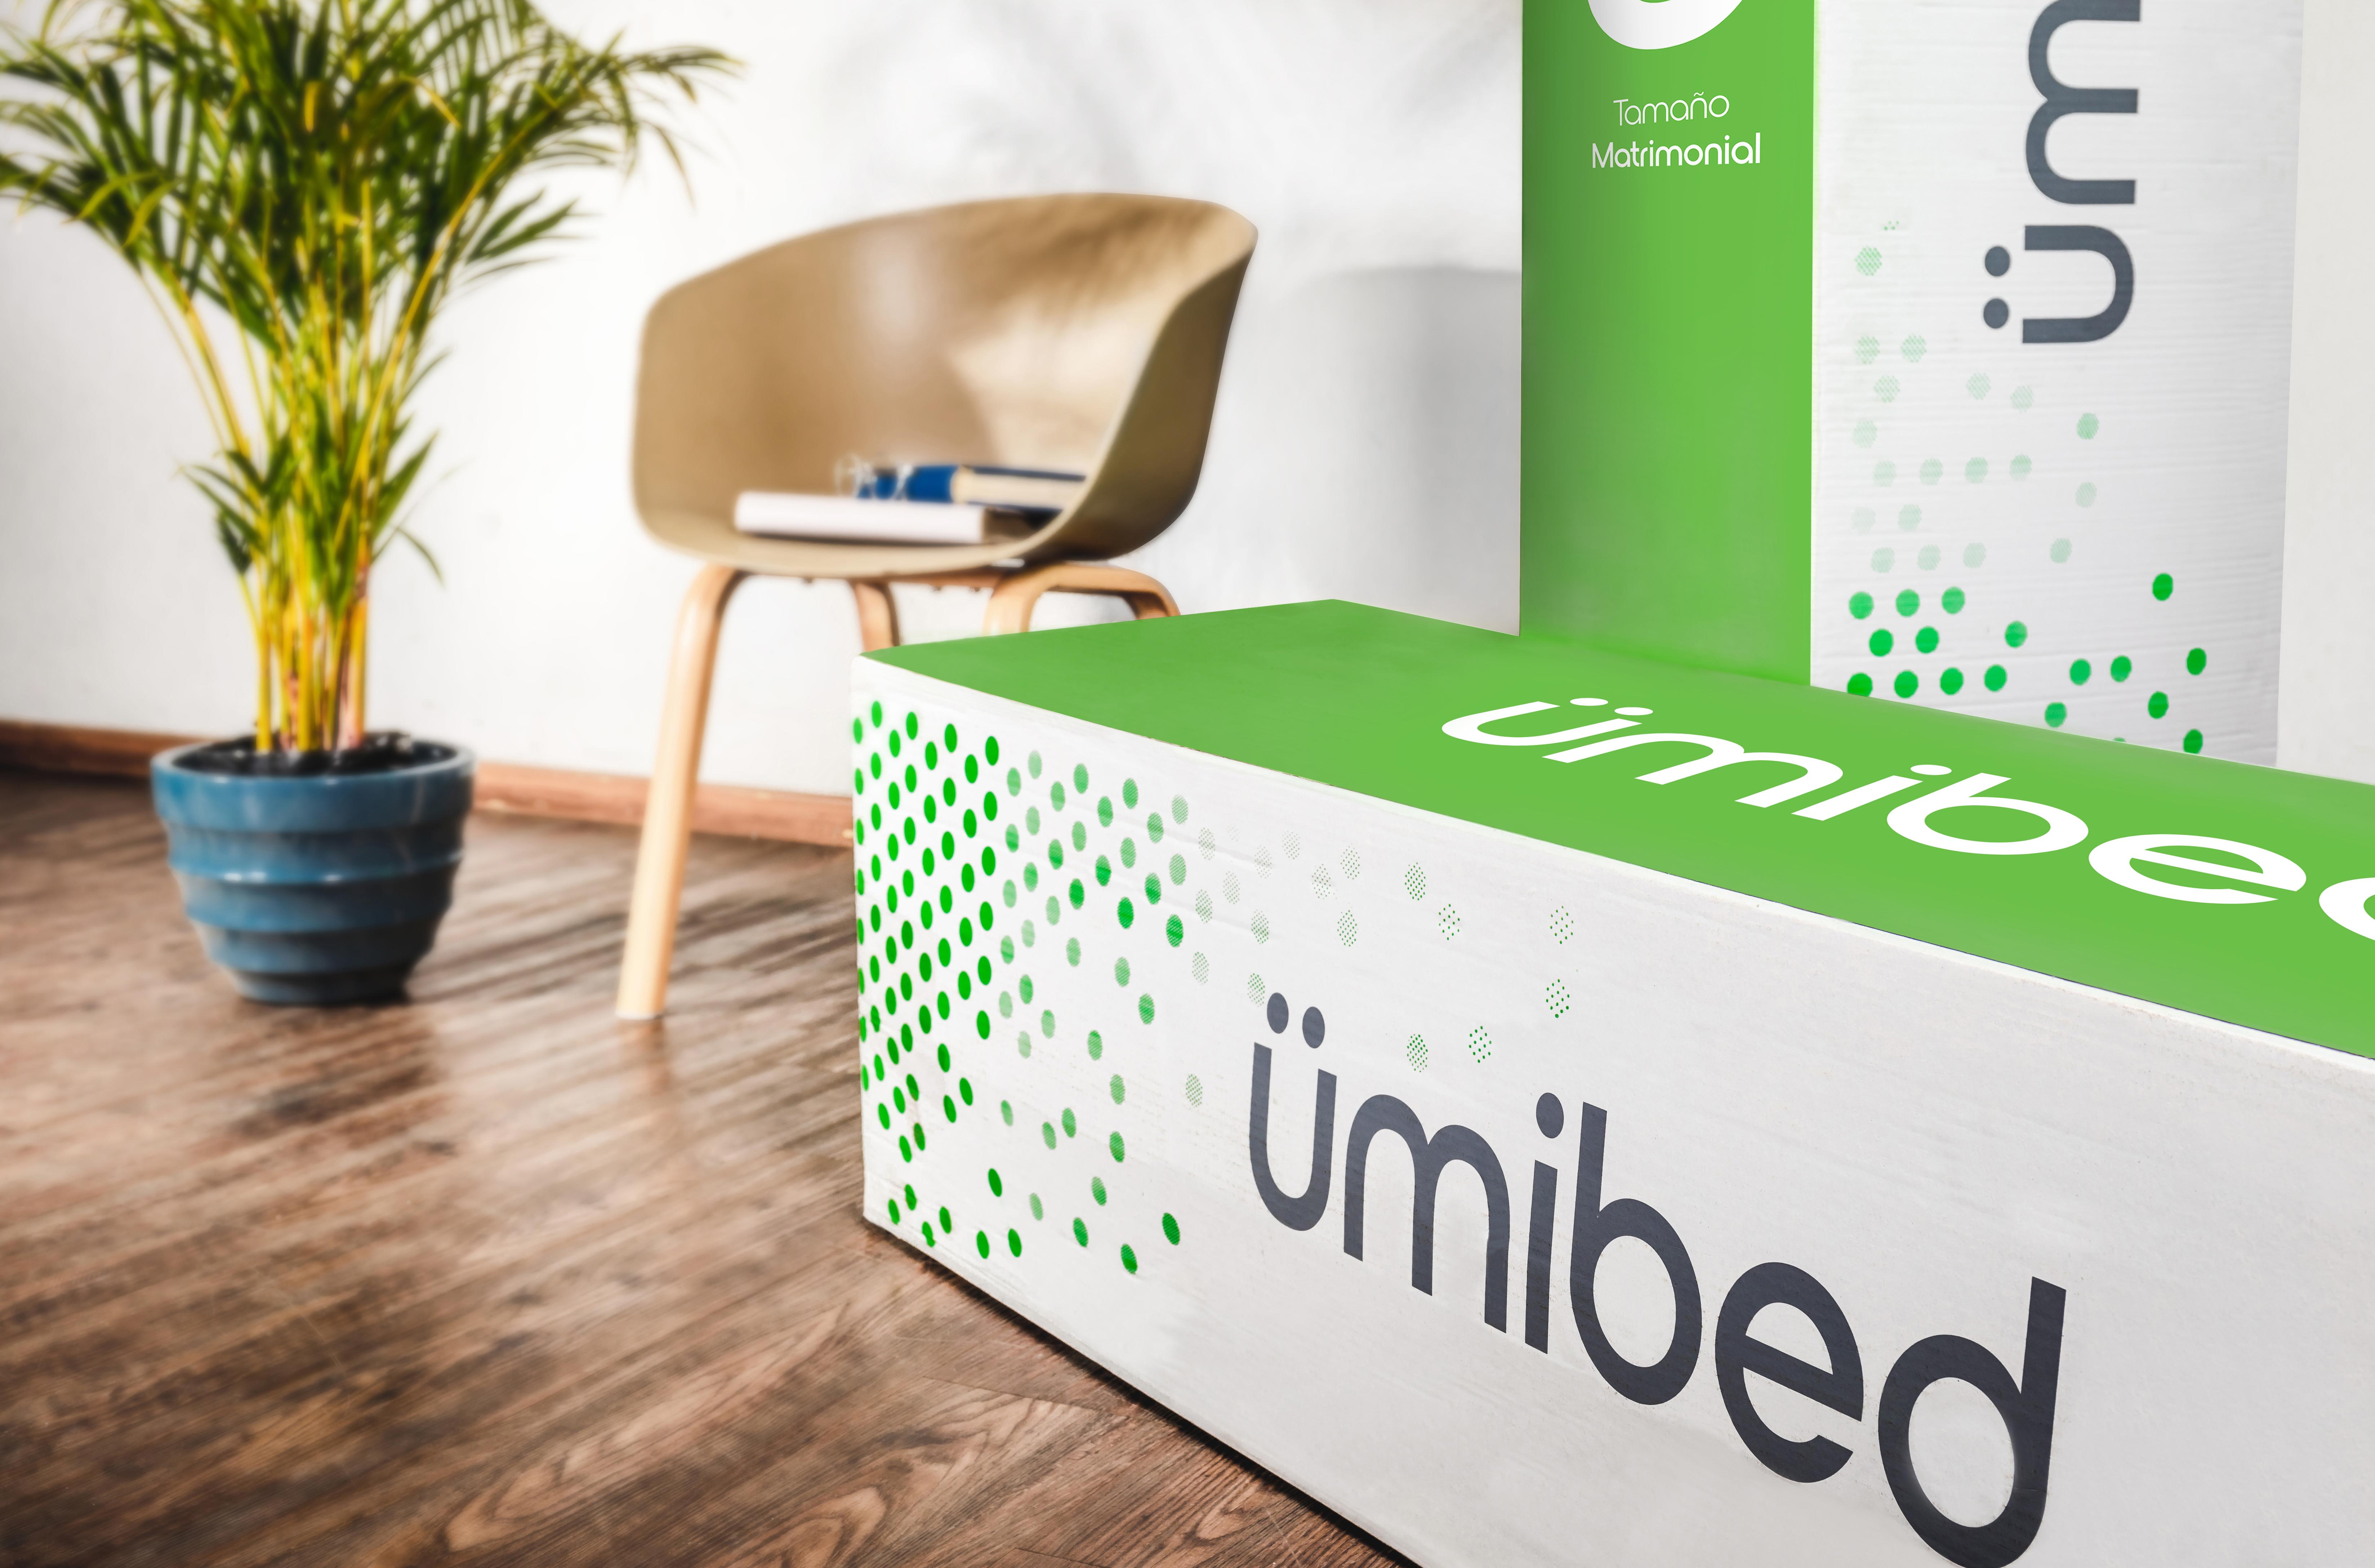 umibed-nuestro-colchon-en-caja-con-tela-de-bambu_umibed-en-caja